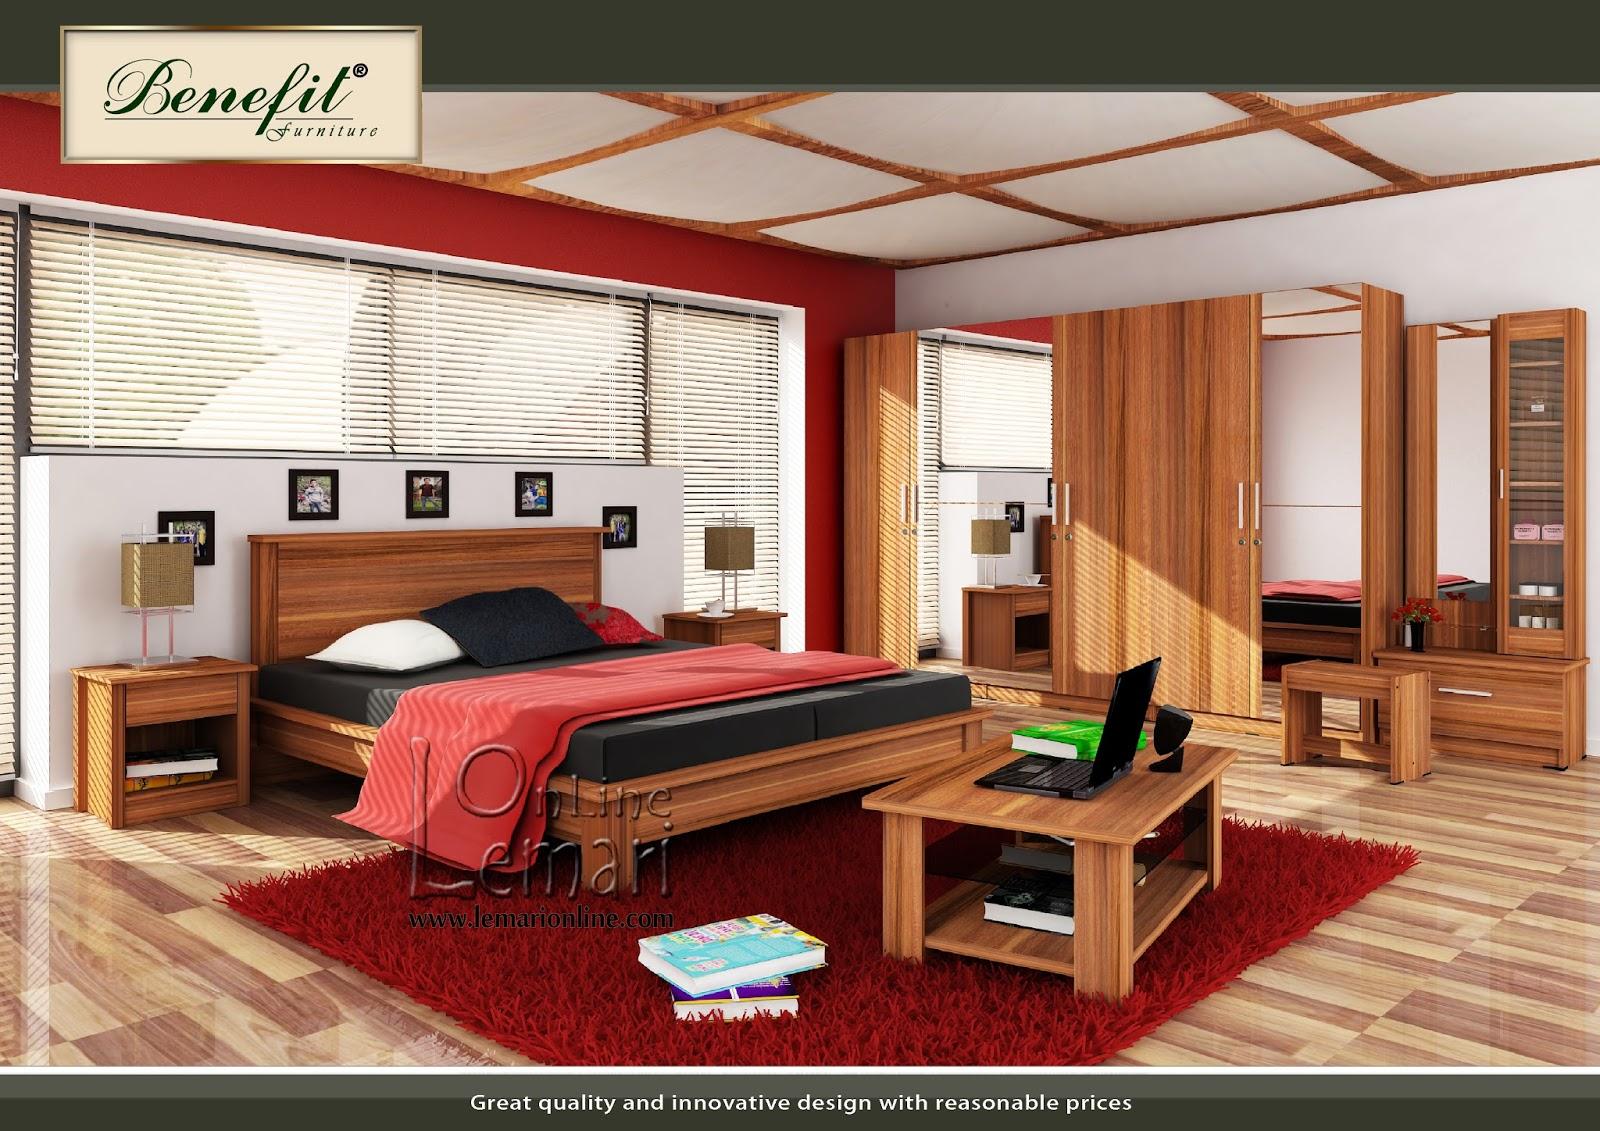 Warna french walnut dengan nuansa natural bisa menambah kesejukan ruangan anda